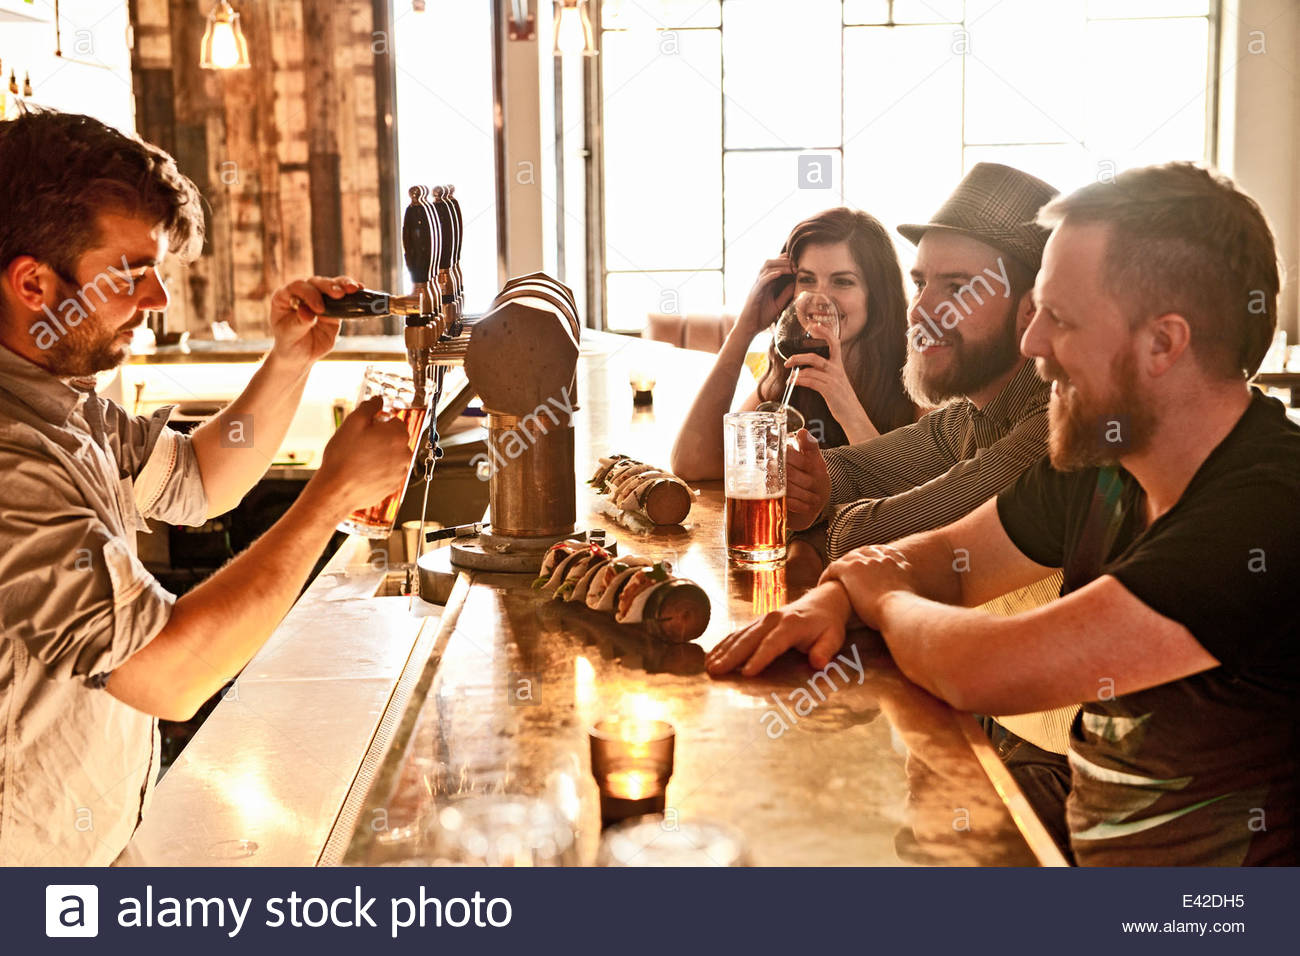 Les amis de boire une bière au bar branché Photo Stock